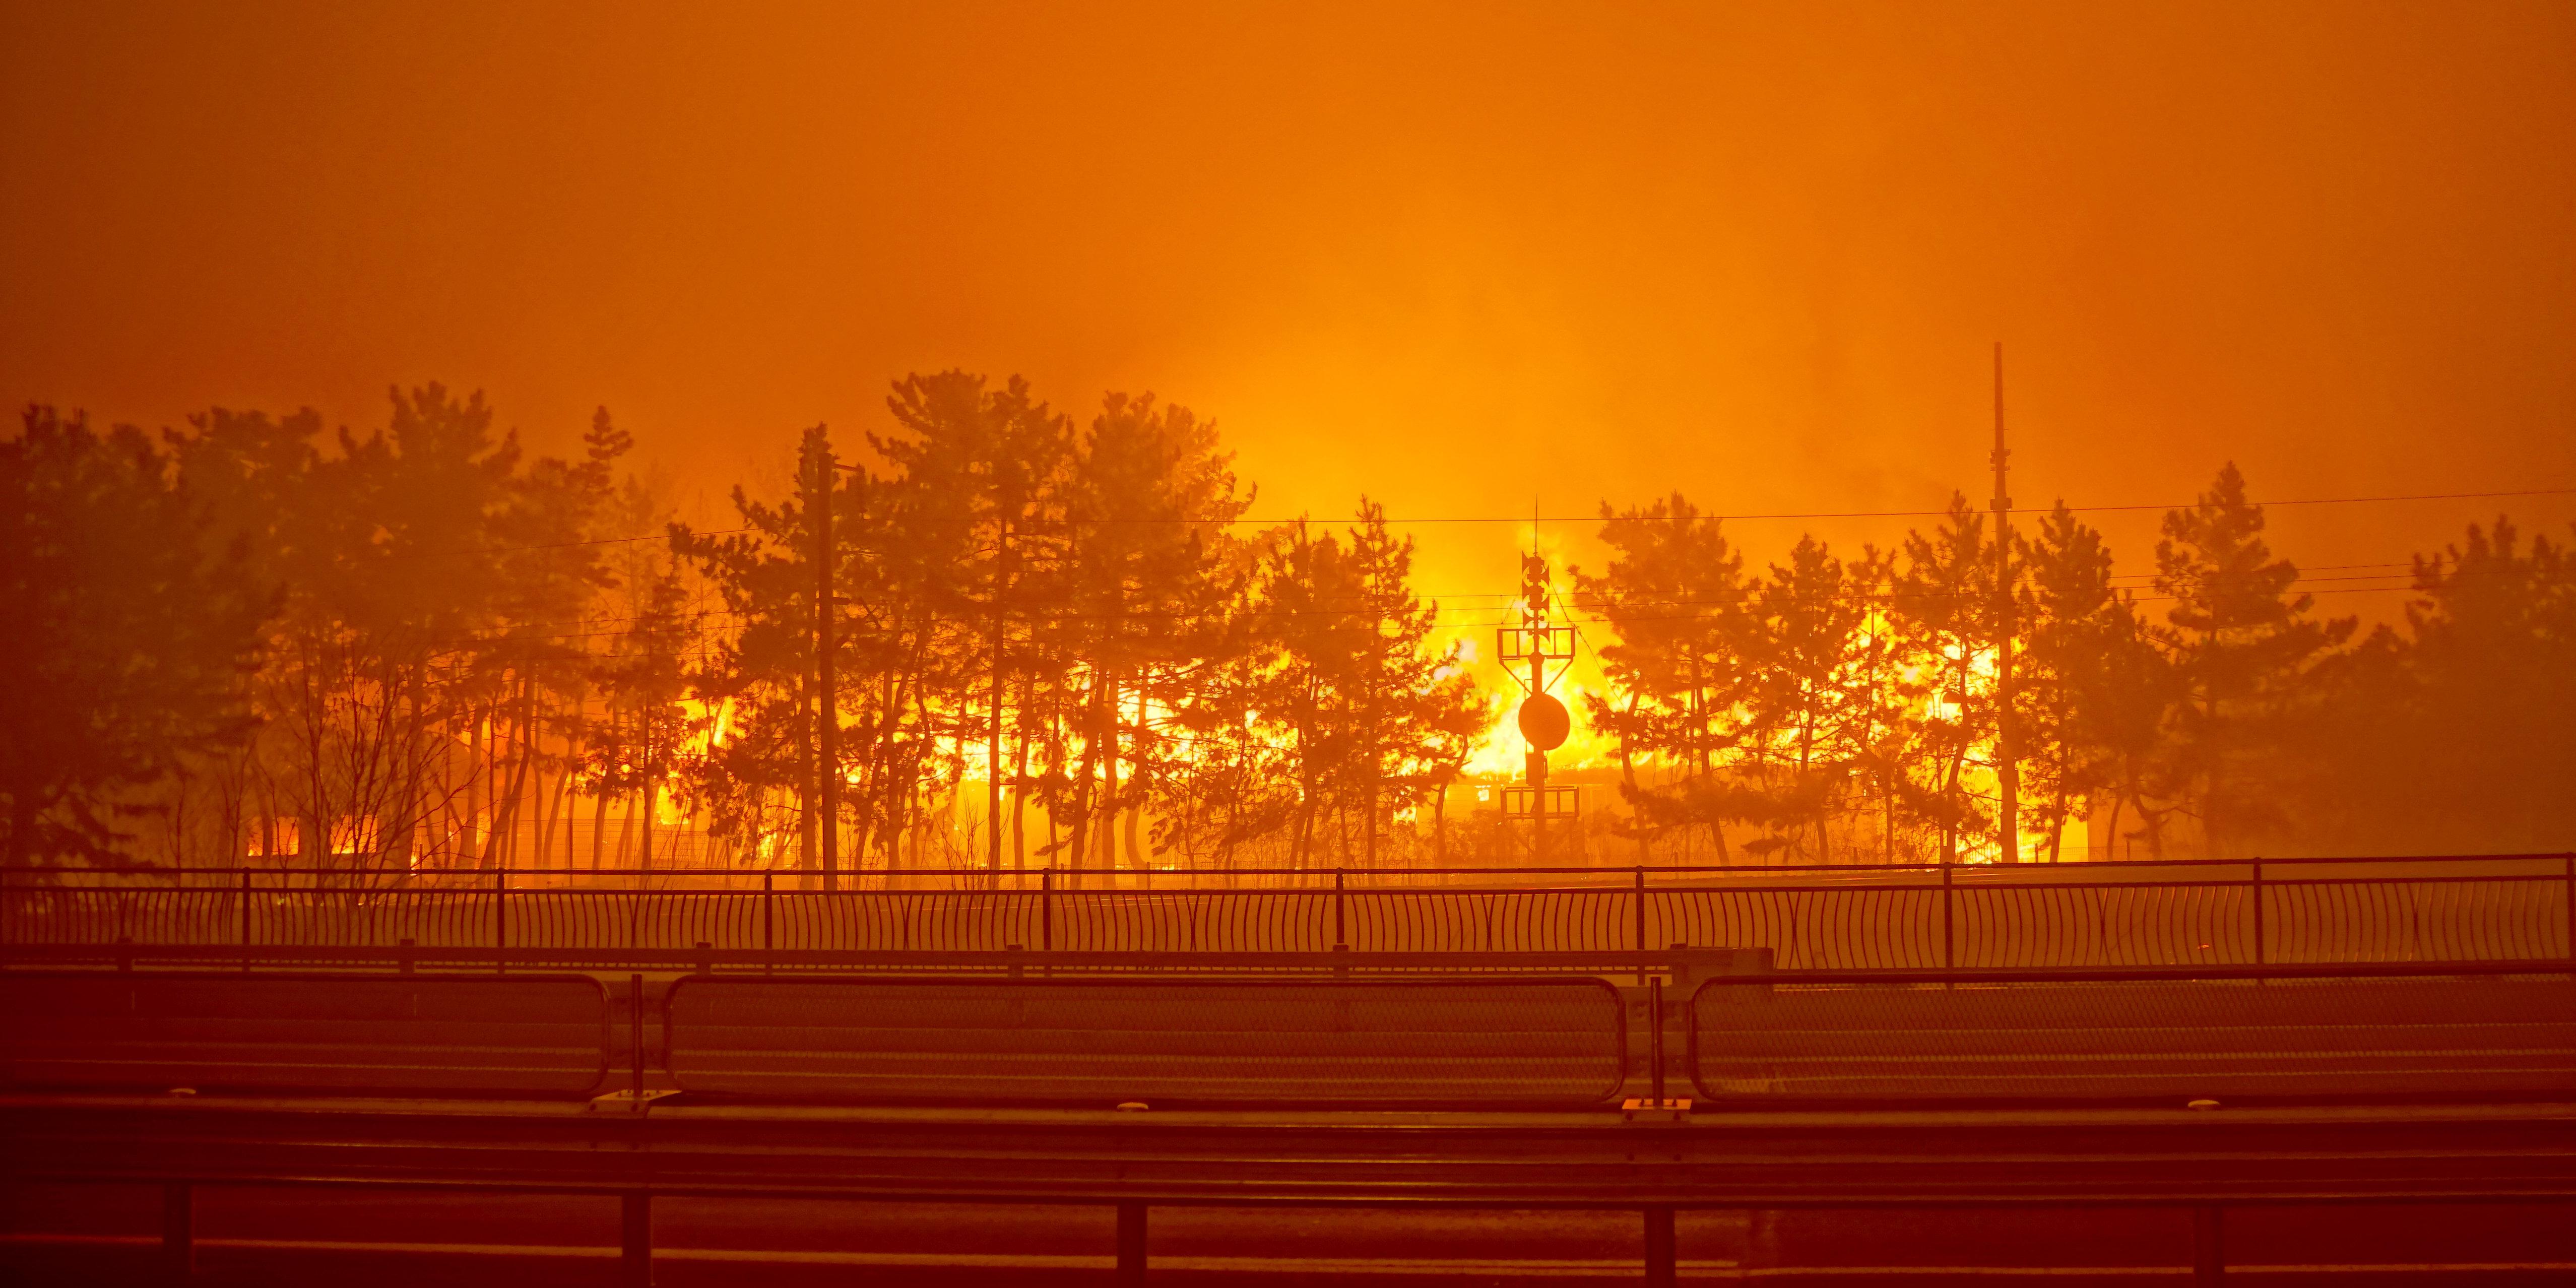 강원도 고성 산불에 화재 대응 최고 단계가